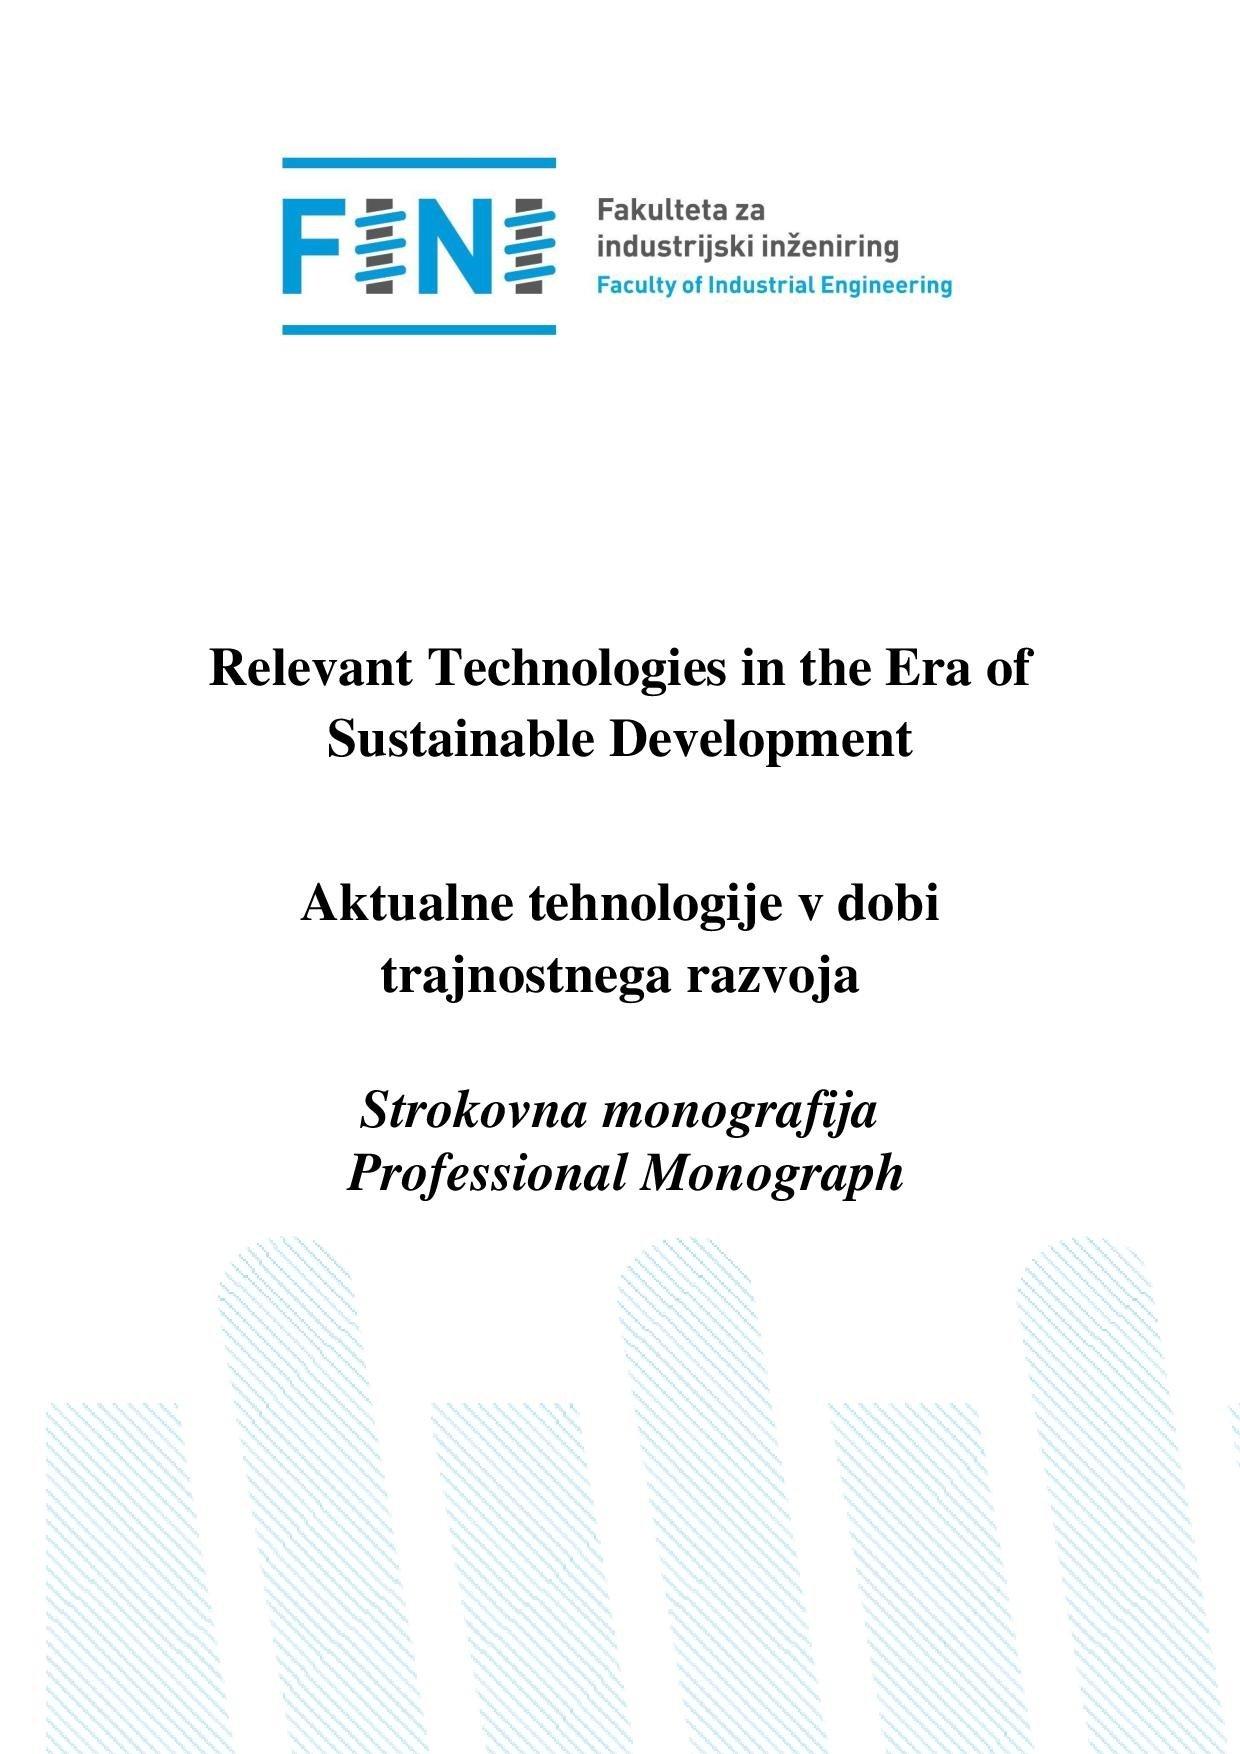 Aktualne tehnologije v dobi trajnostnega razvoja